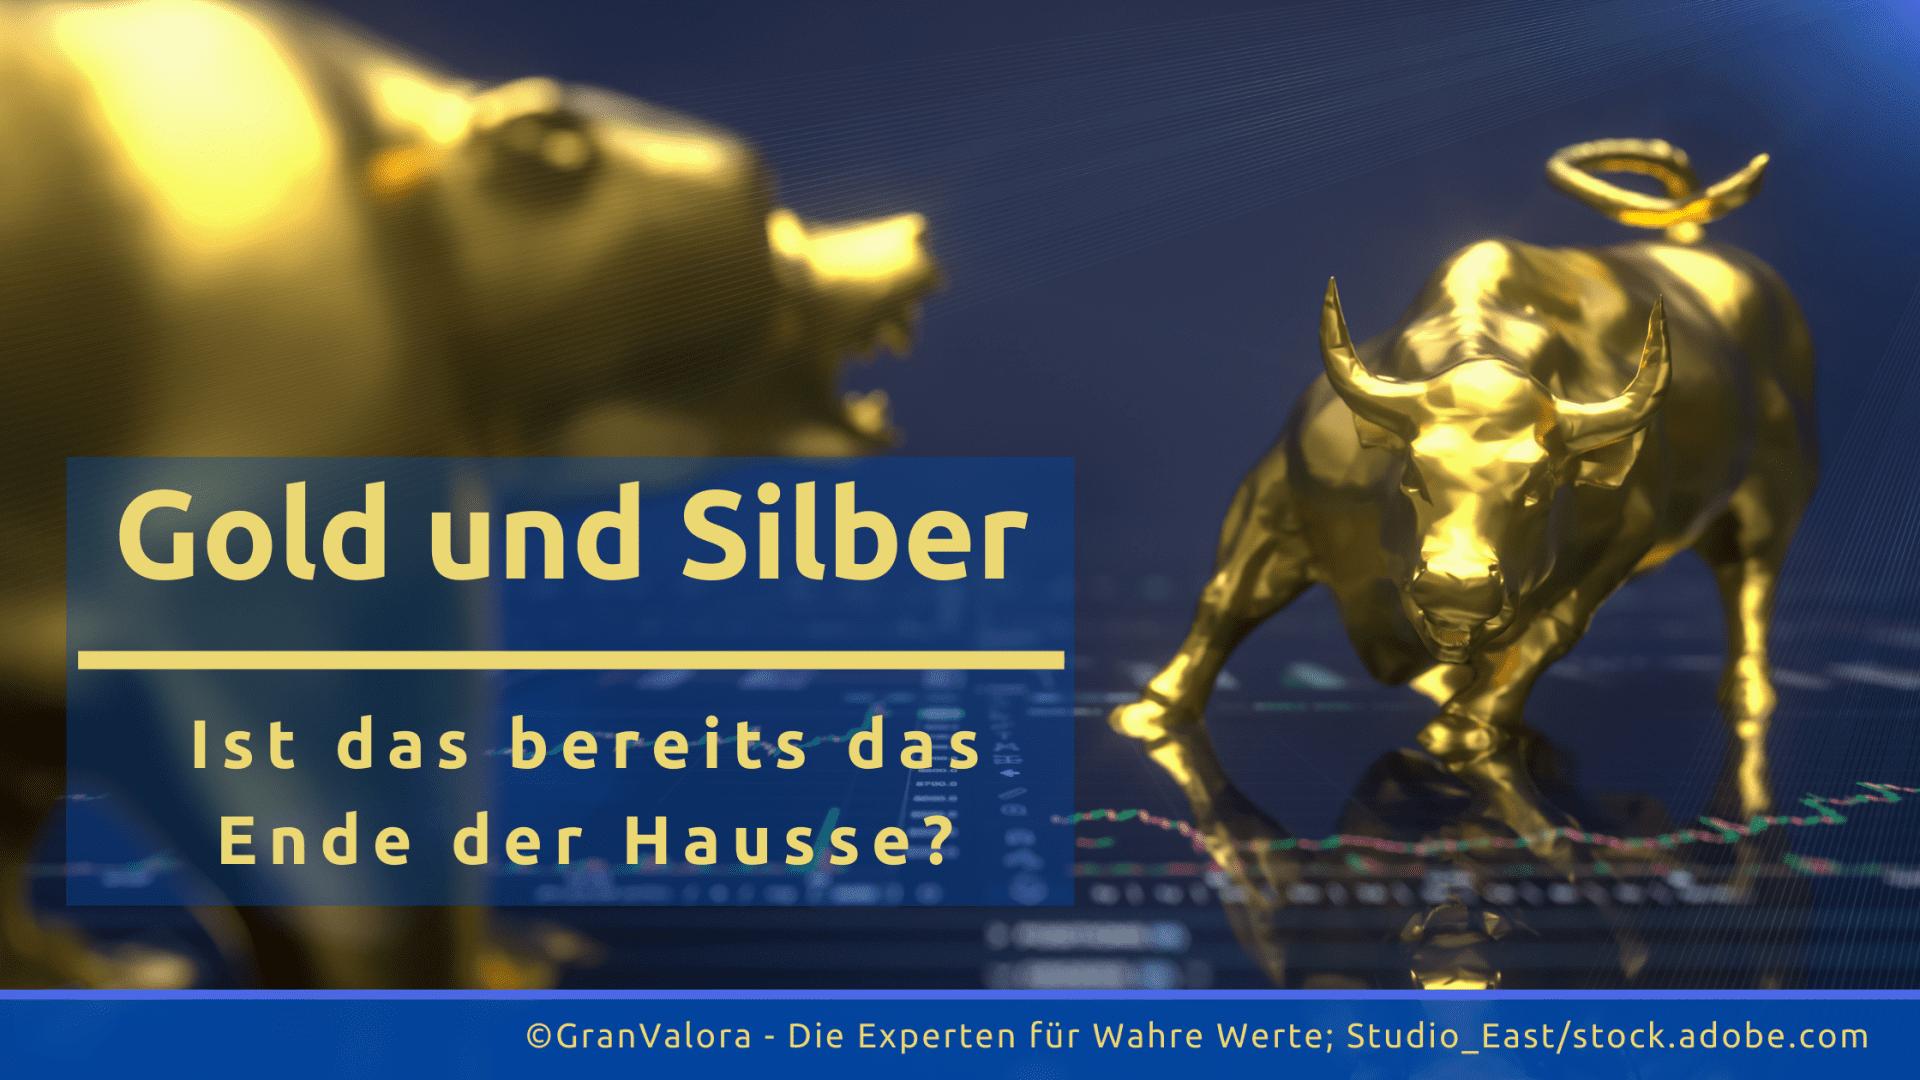 Gold- und Silberpreise: Ende der Hausse oder vorübergehende Kurskorrektur?